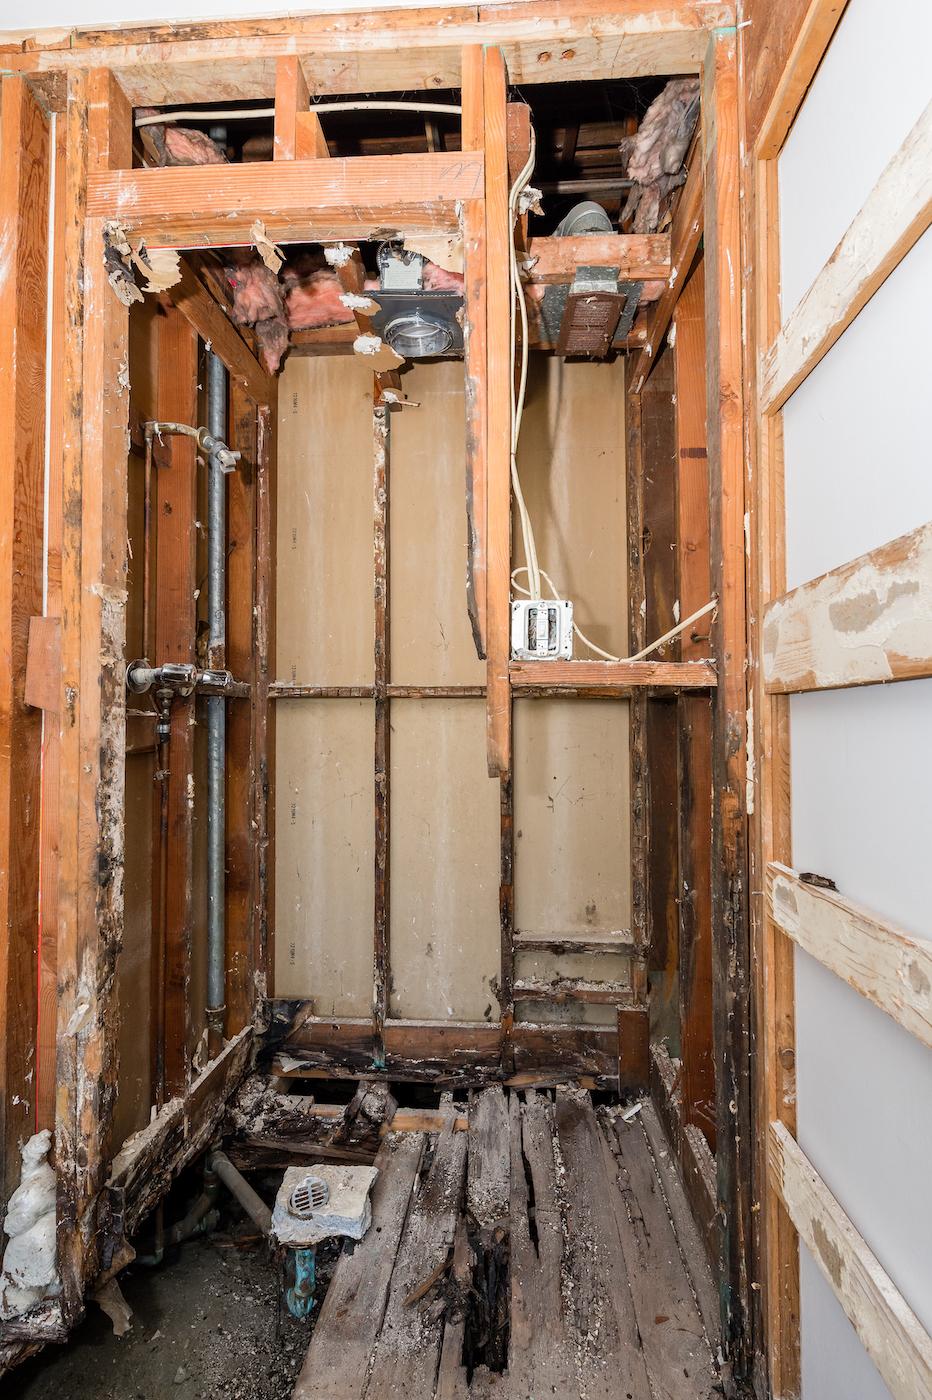 Wood damage found during demolition